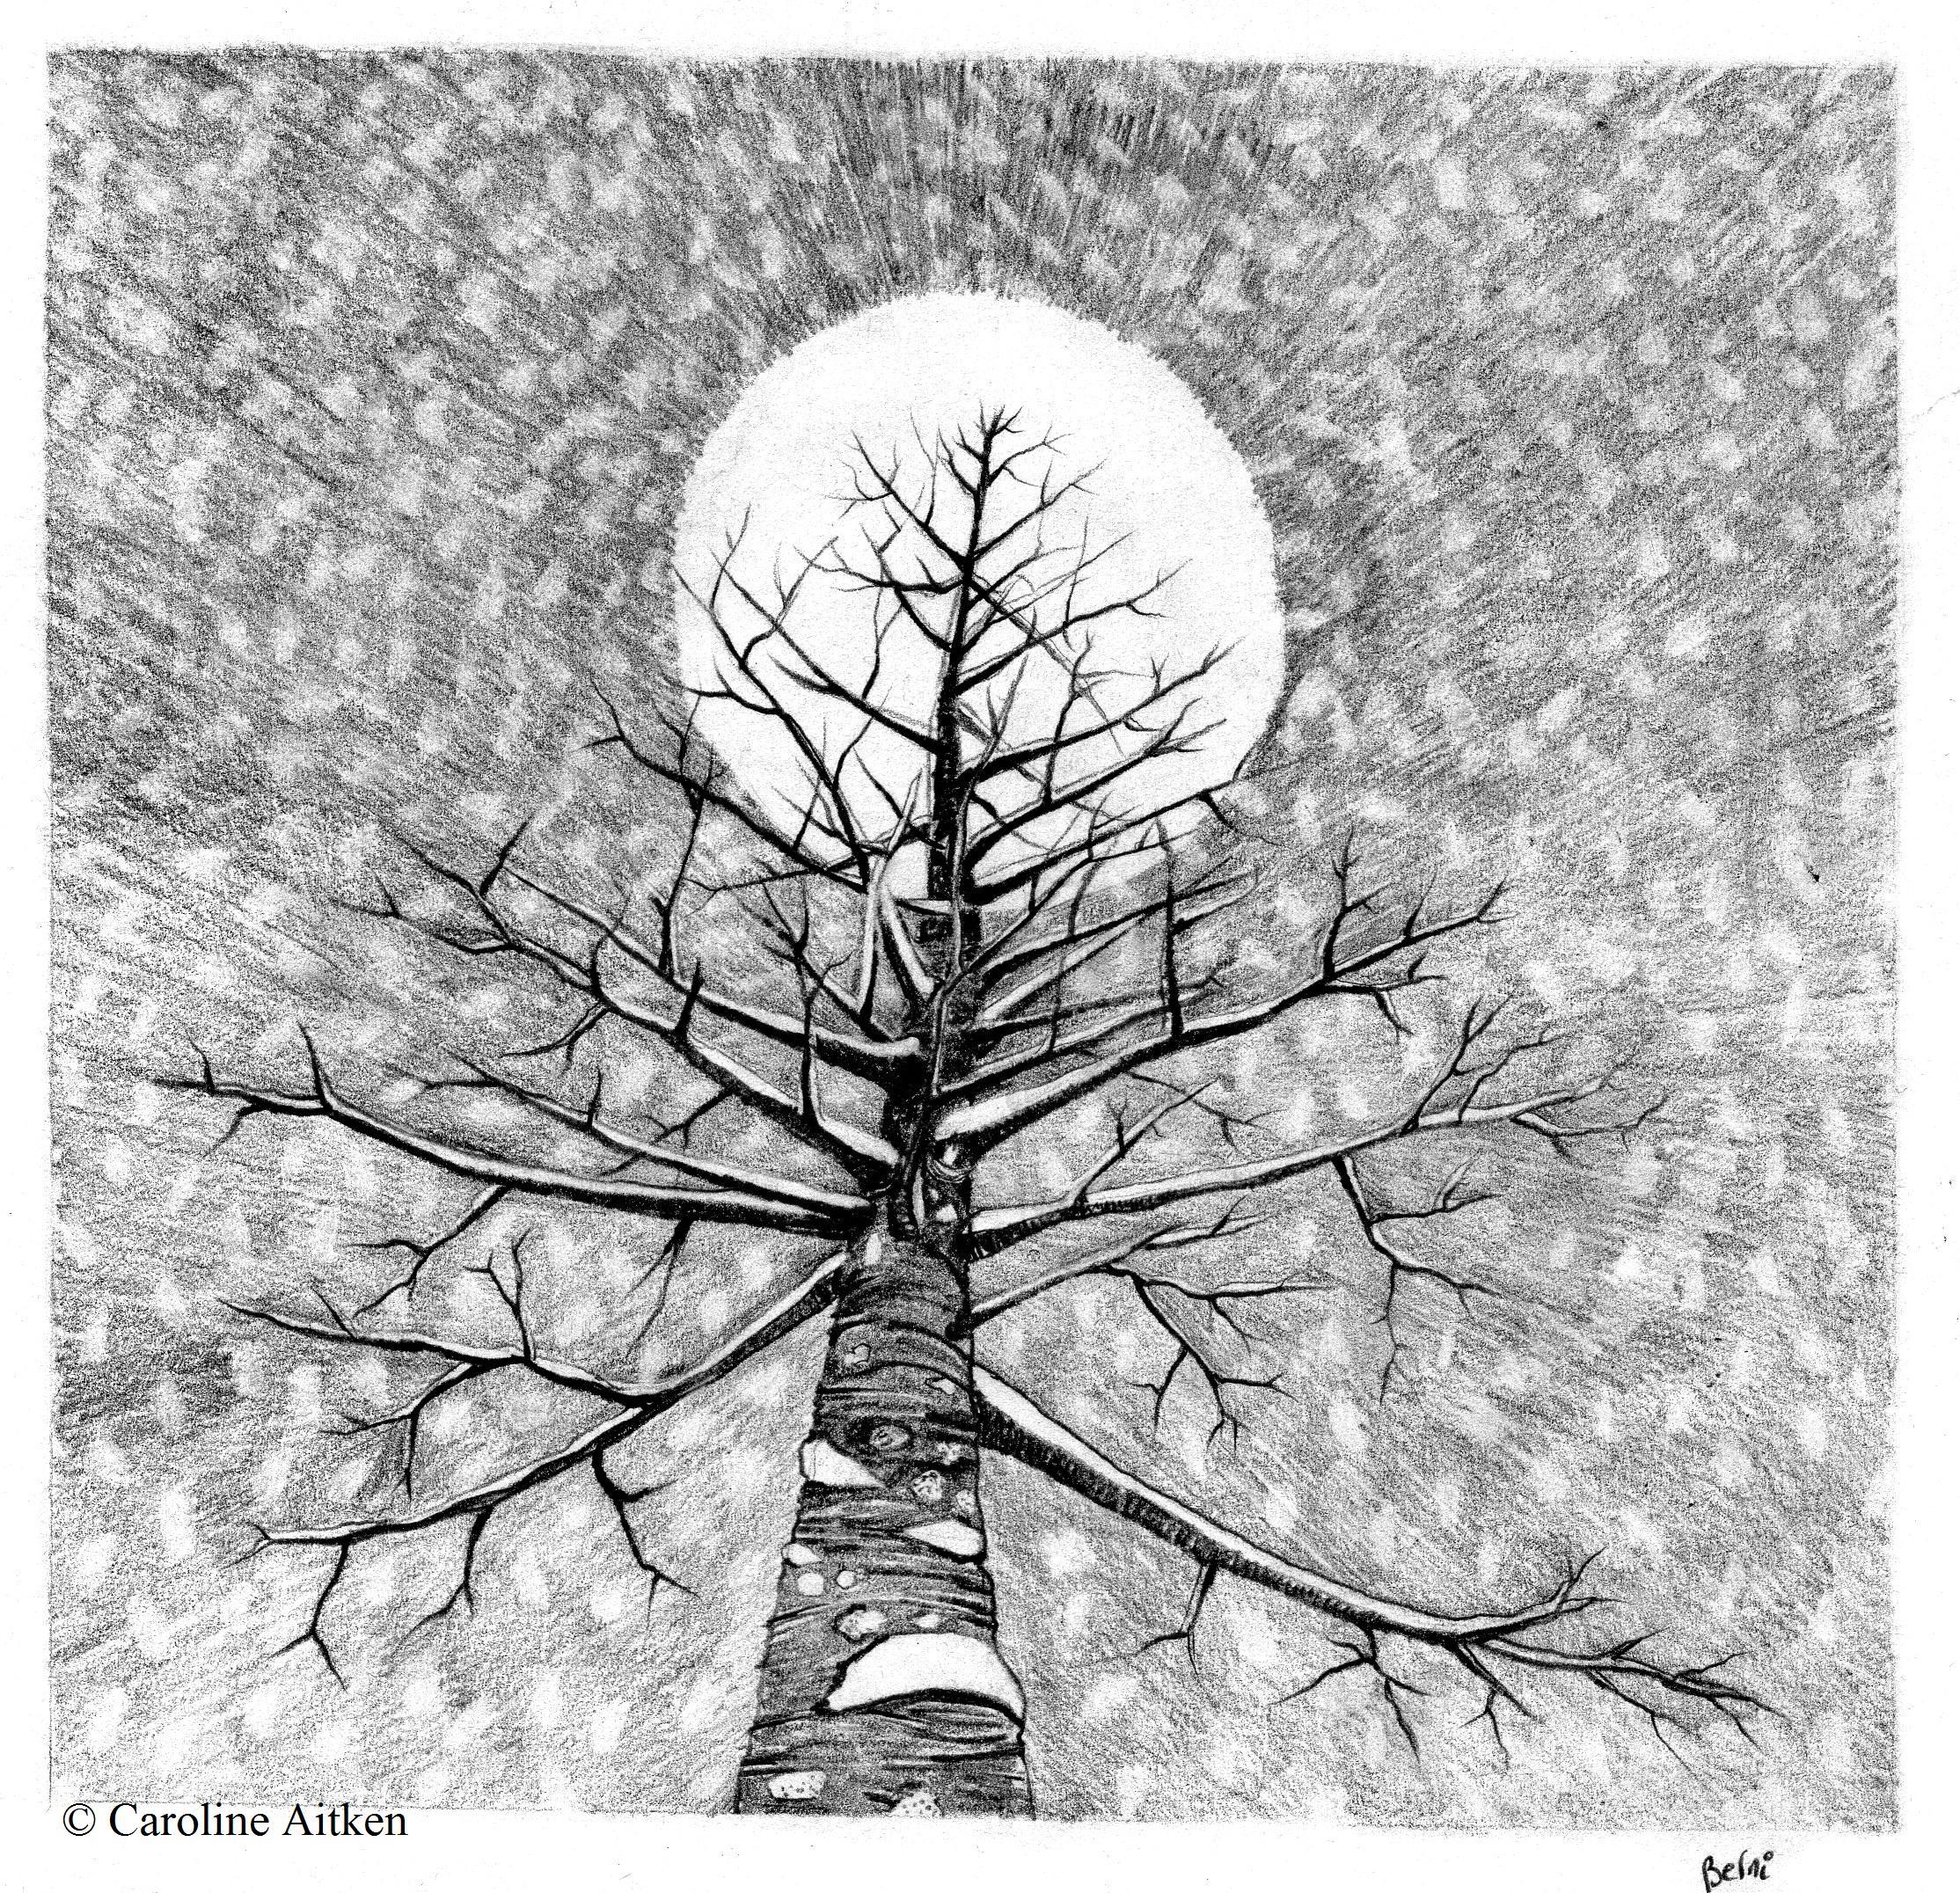 CAitken_SnowyTree